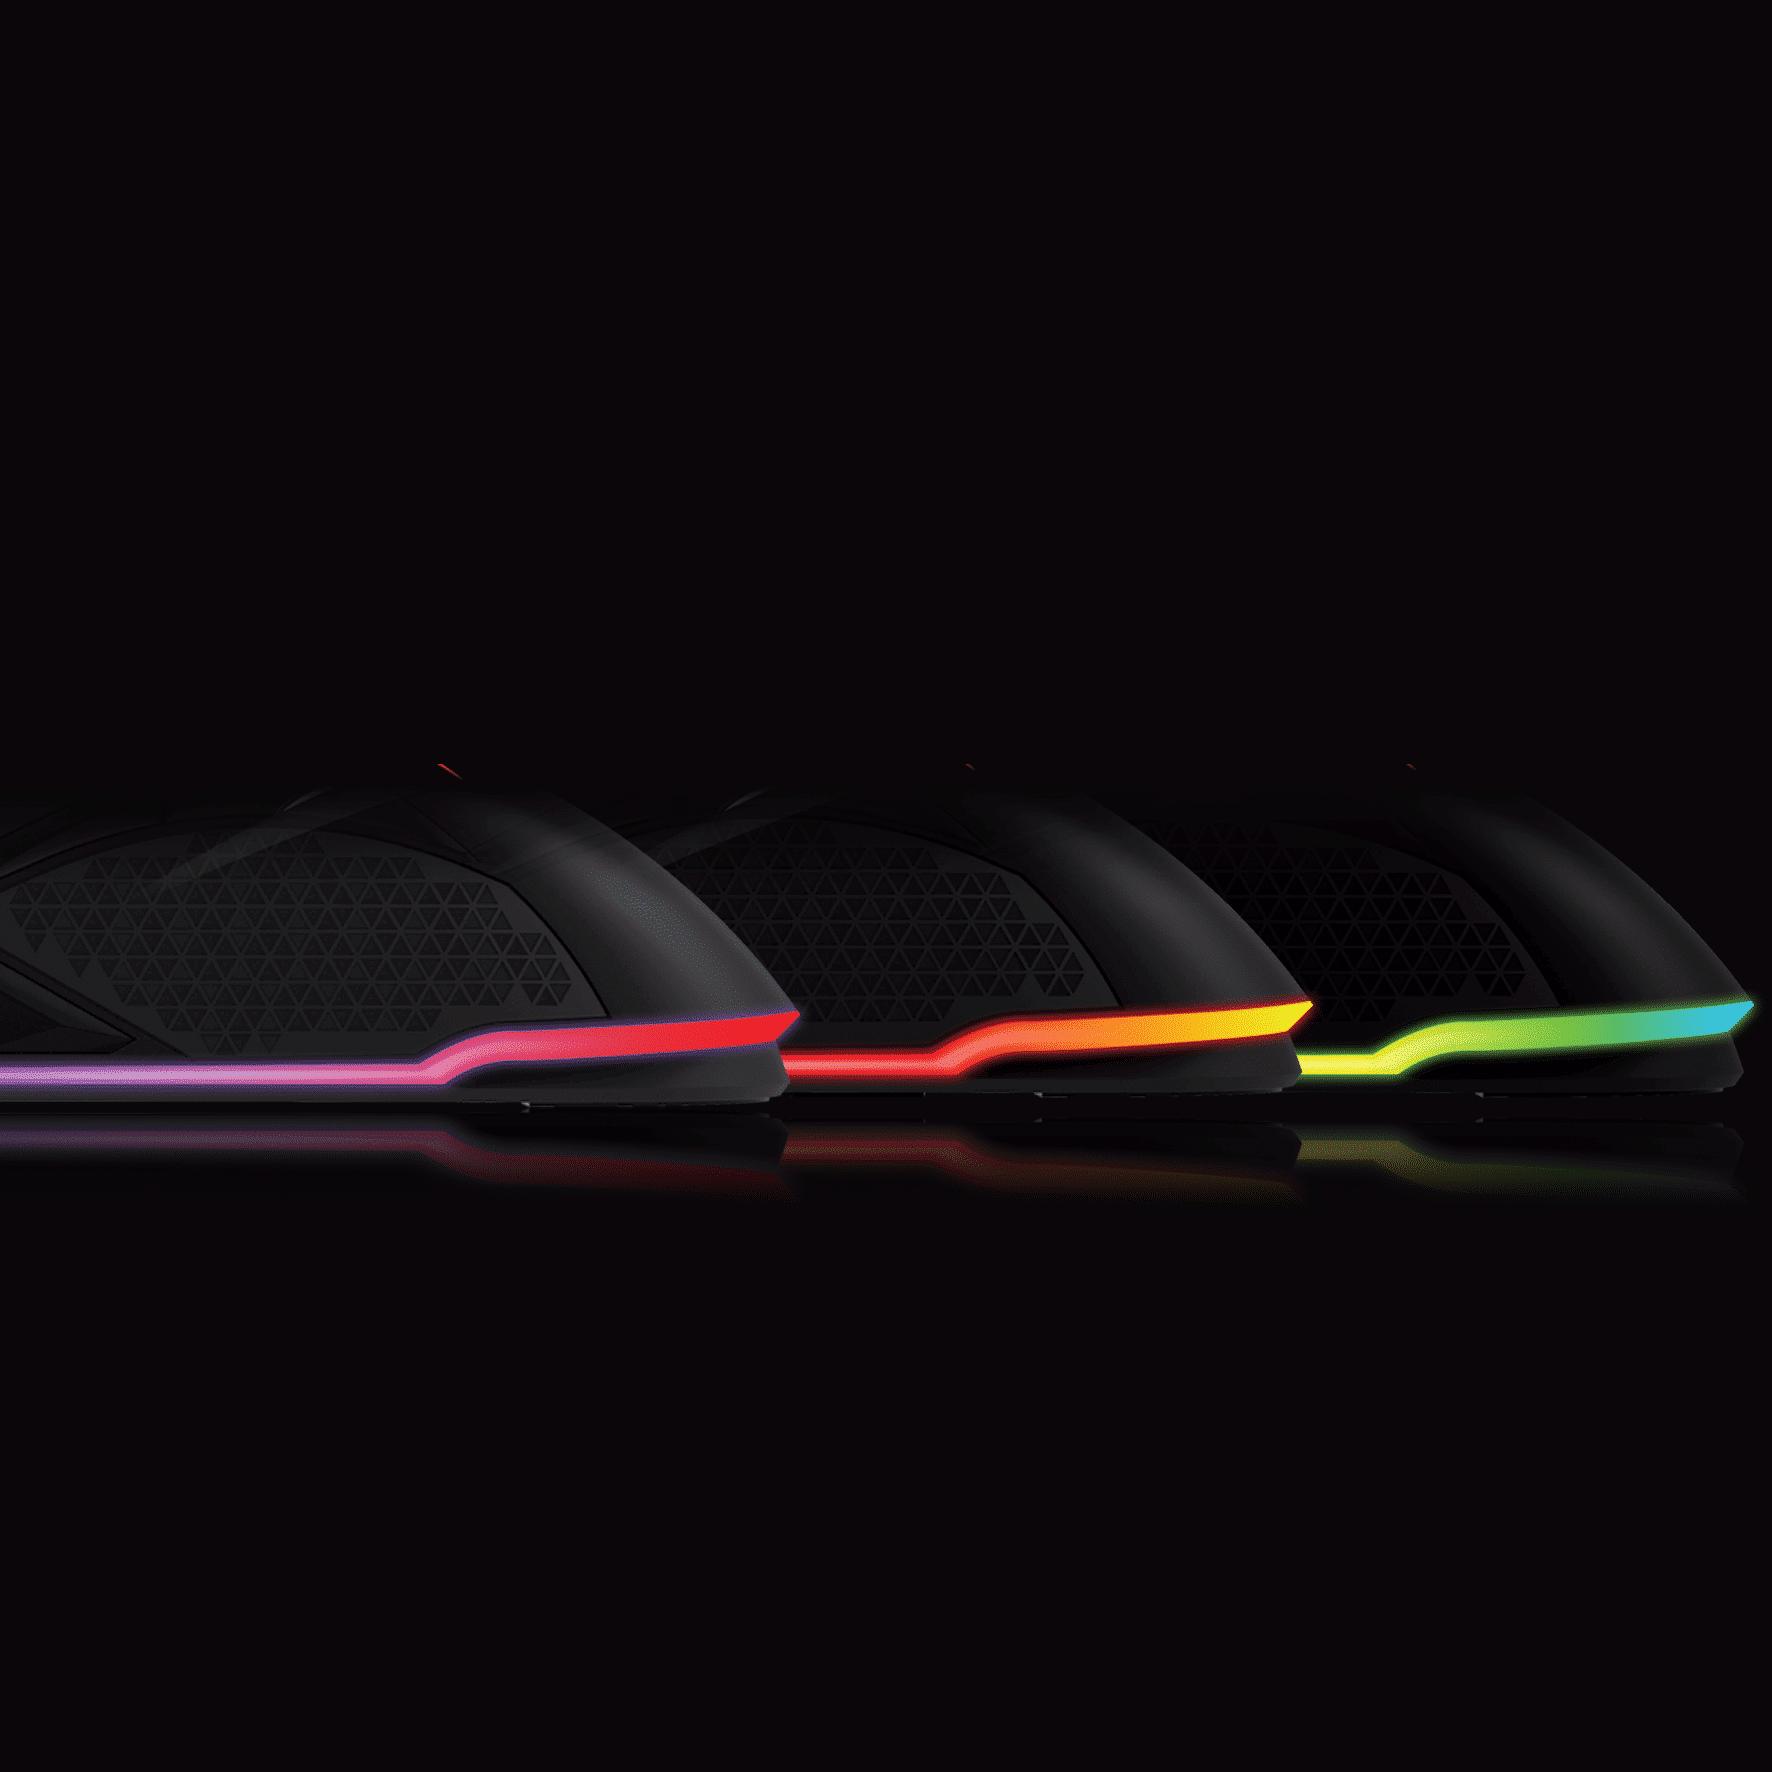 Bild von Creative: Sound BlasterX Siege M04 und Vanguard K08 RGB